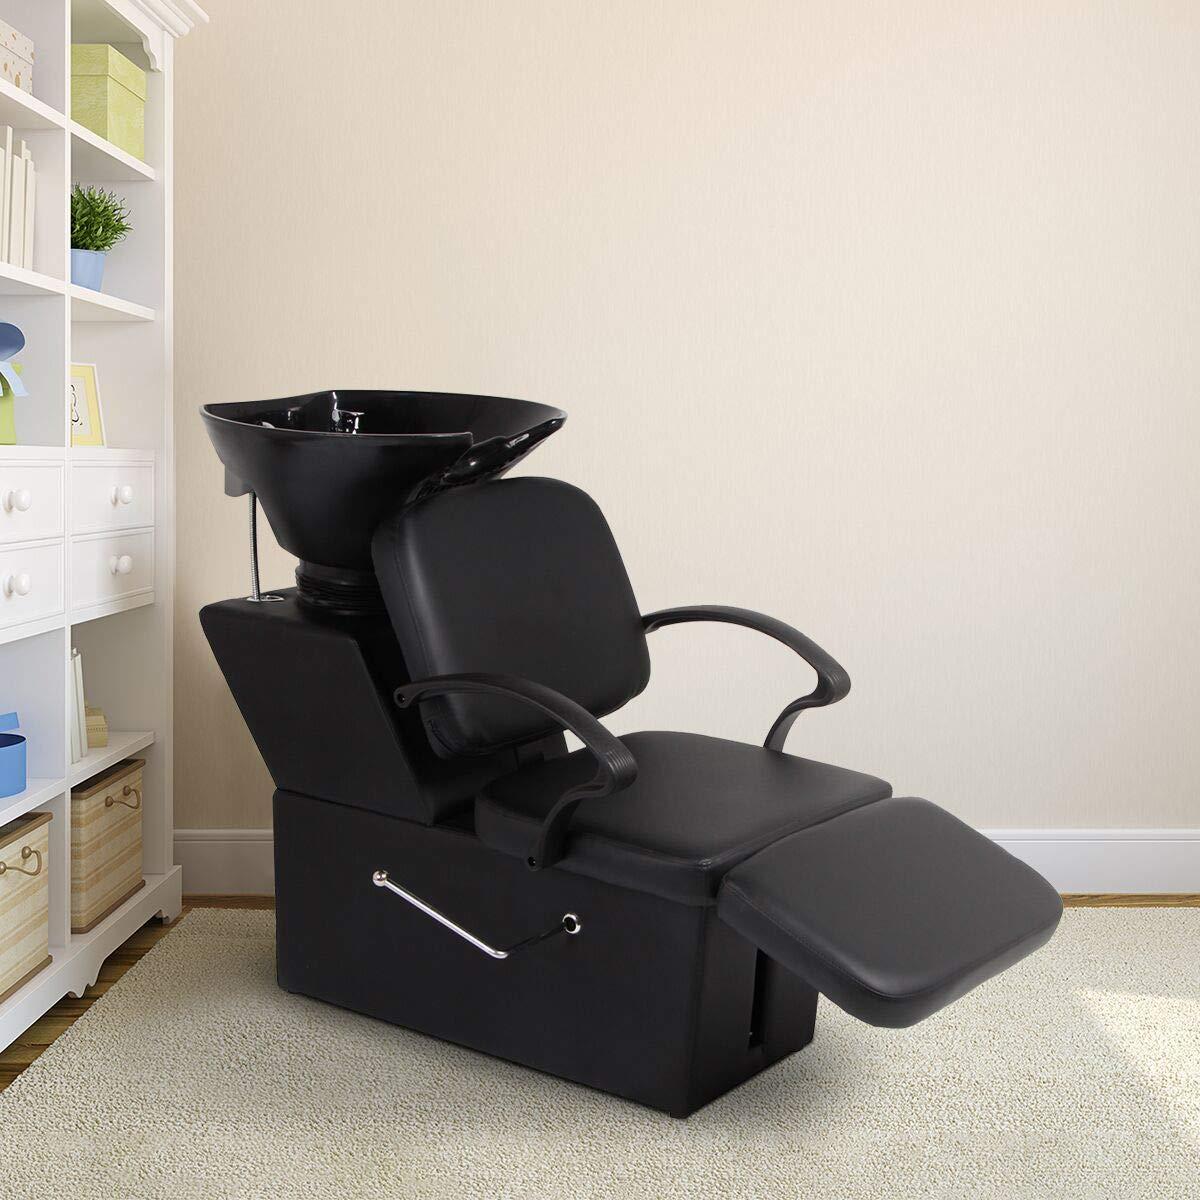 Esright Shampoo Chair Backwash Sink Adjustable Footrest Salon&Spa barber Chair (Adjustable)